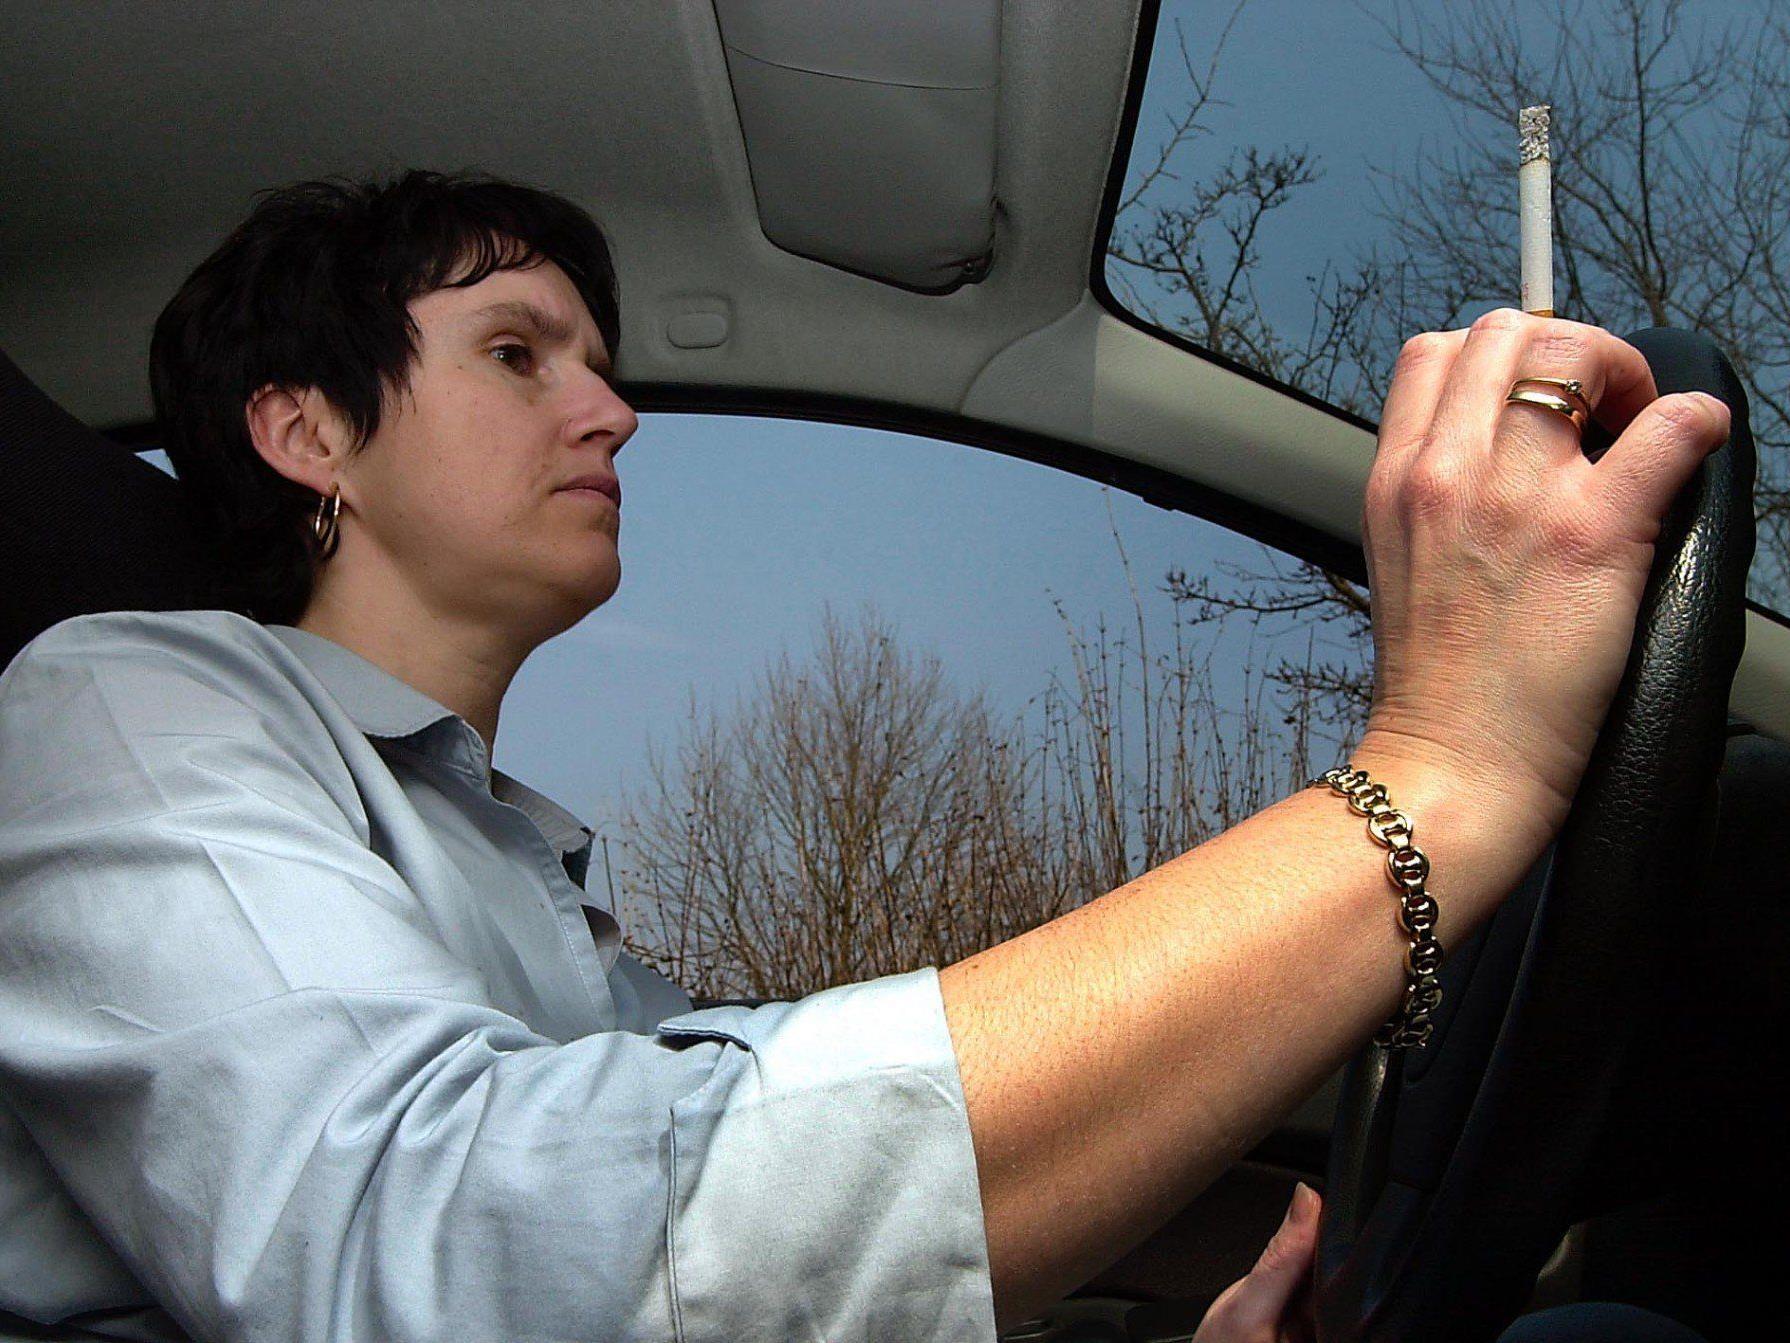 Rauch im Auto für Kinder besonders schädlich